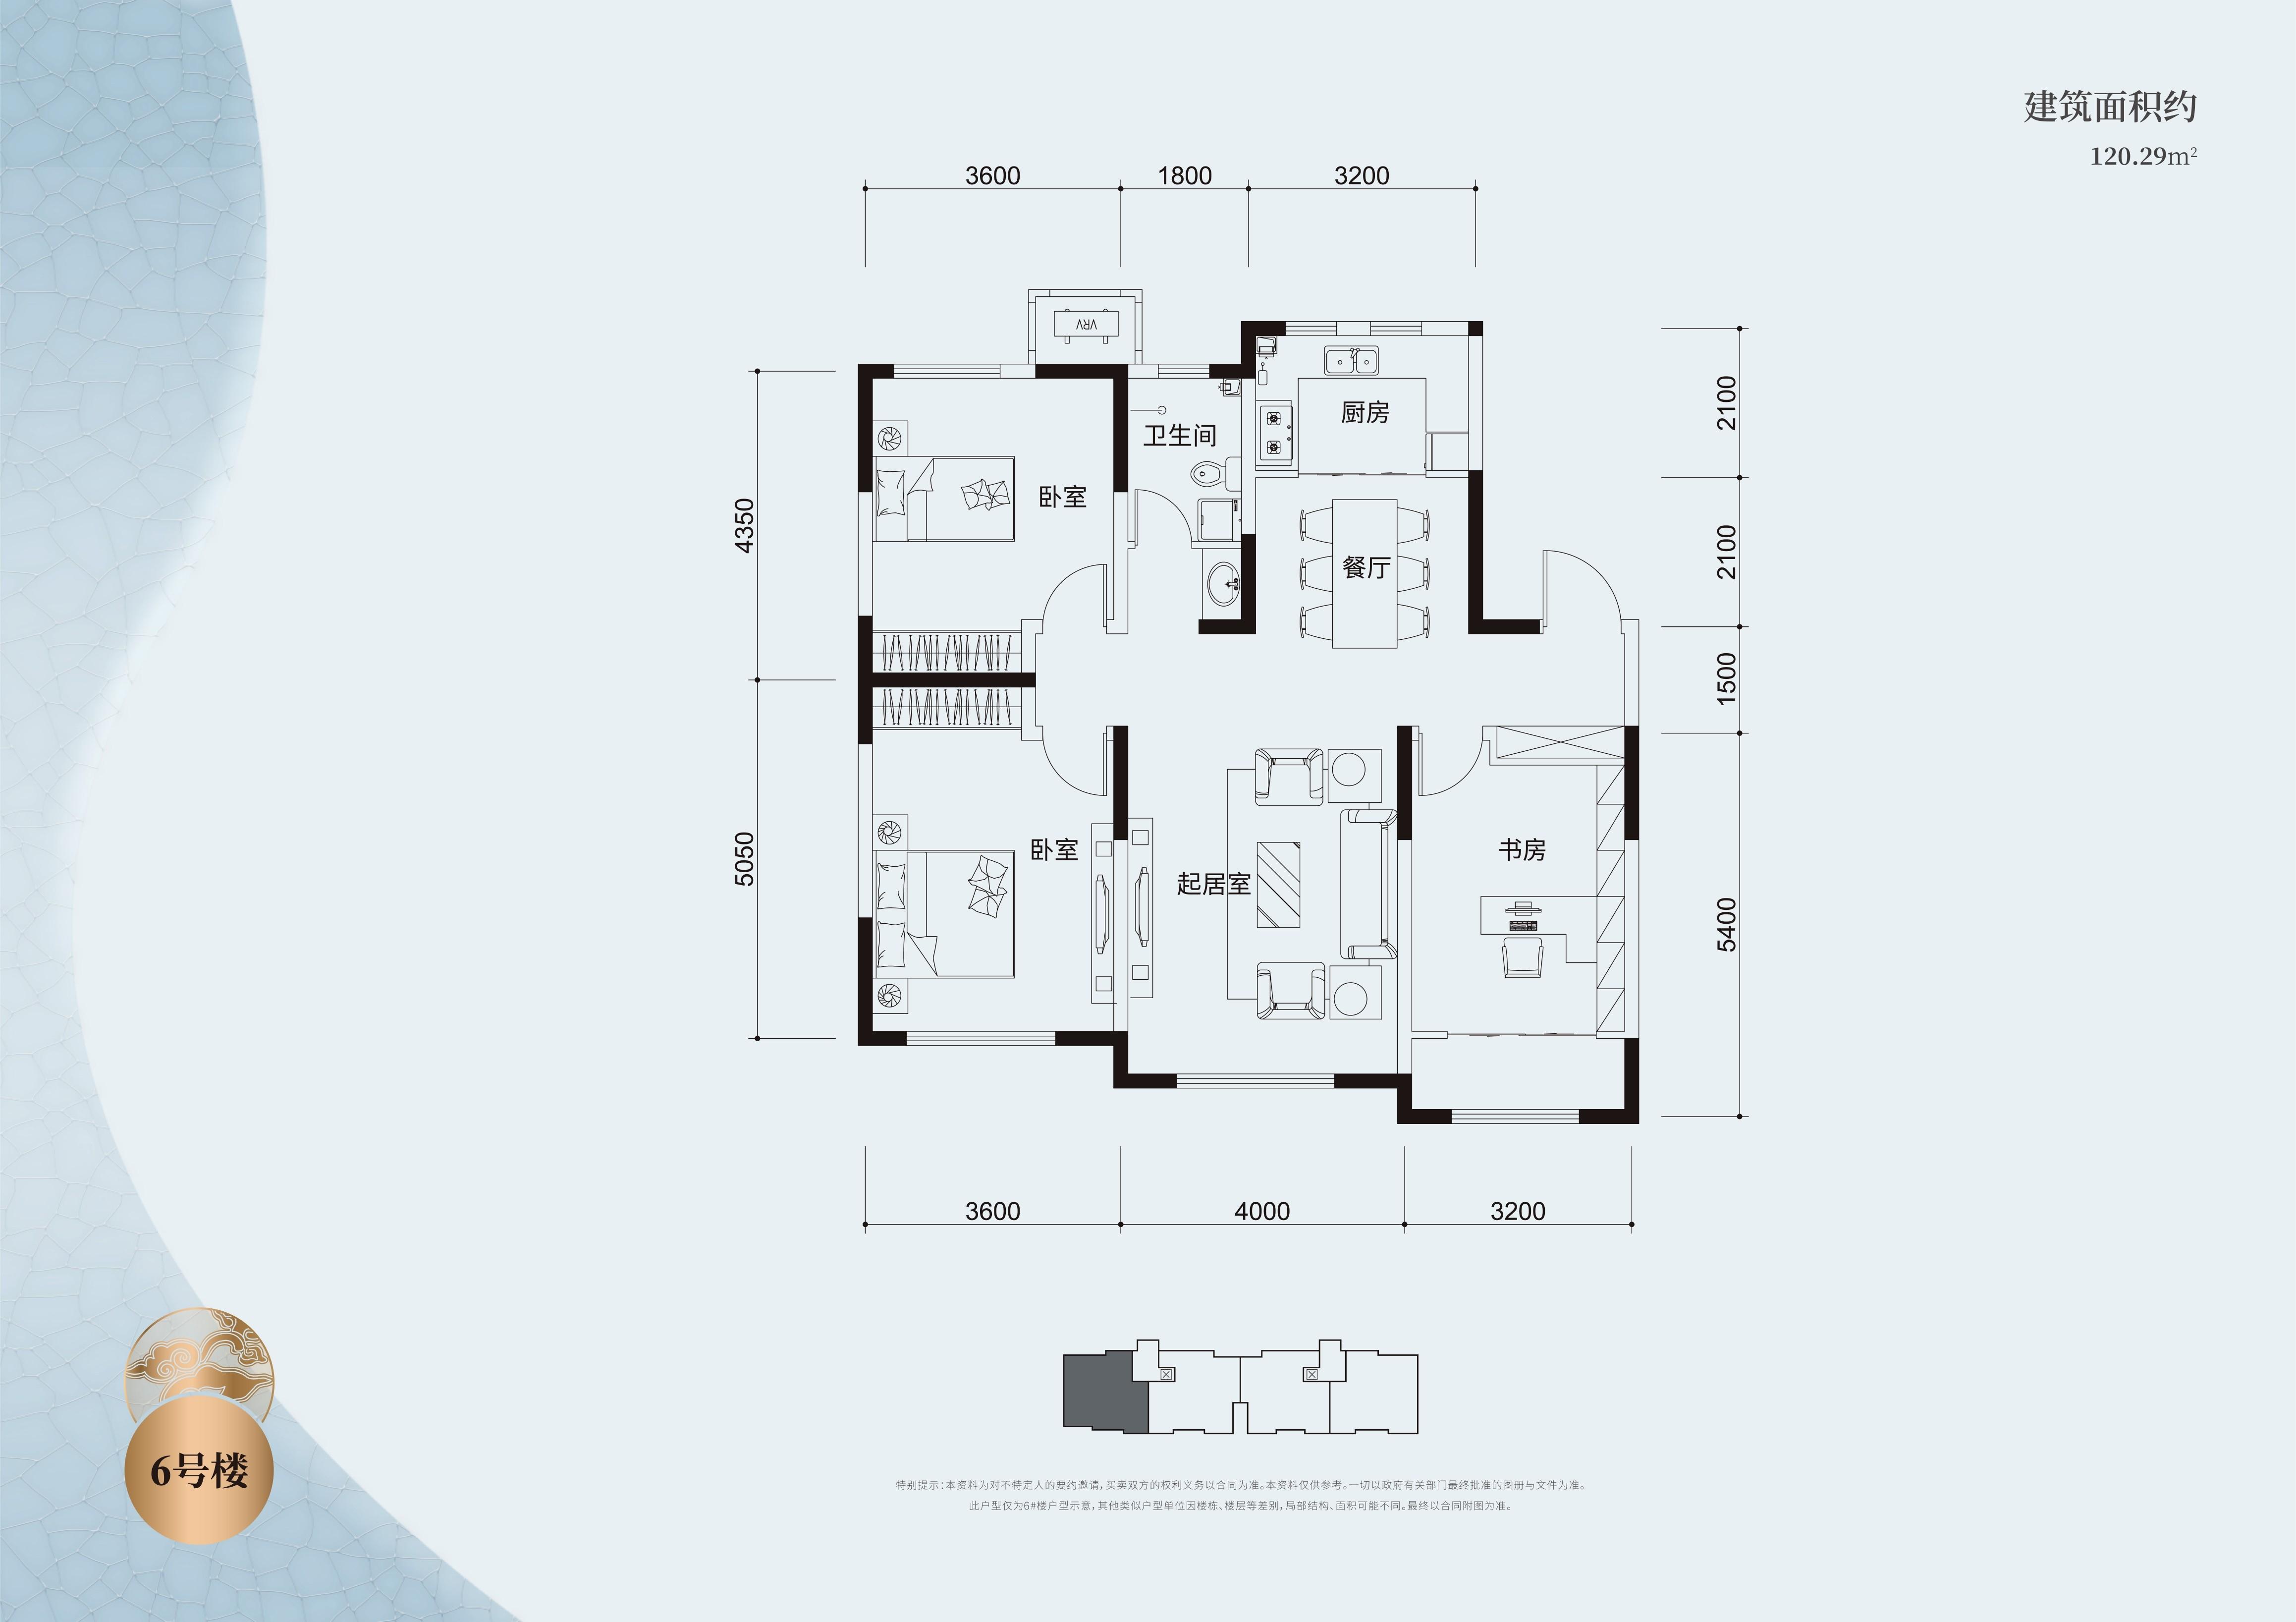 洋房120平米 三室两厅一卫